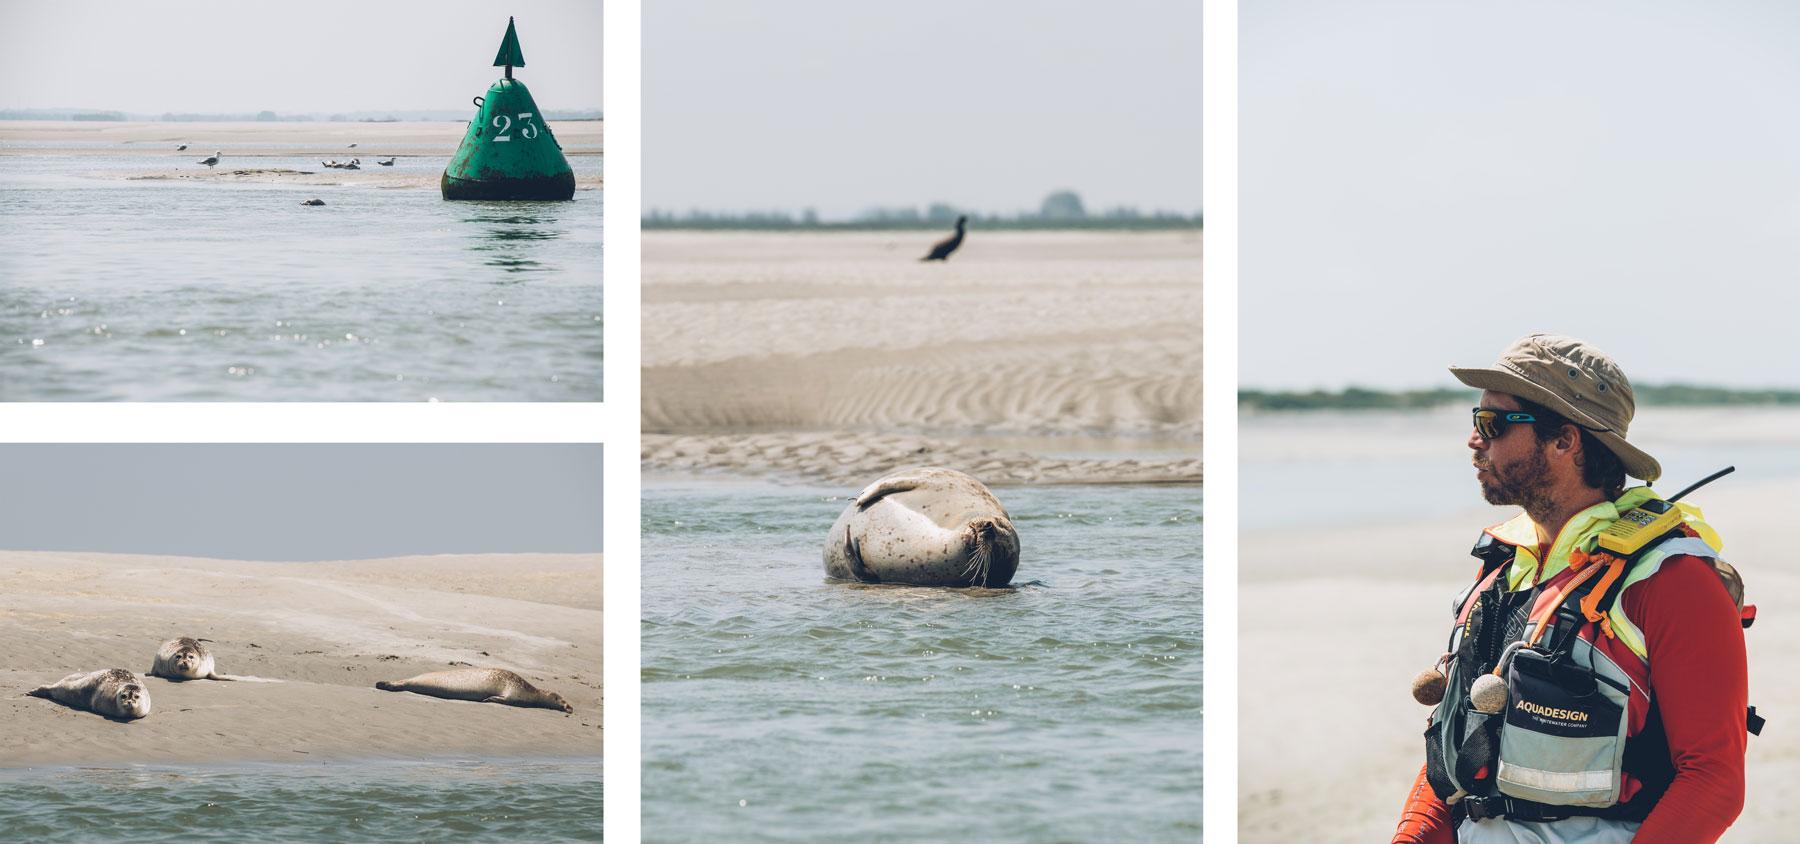 Sortie en Pirogue pour aller voir les phoques, St Valery